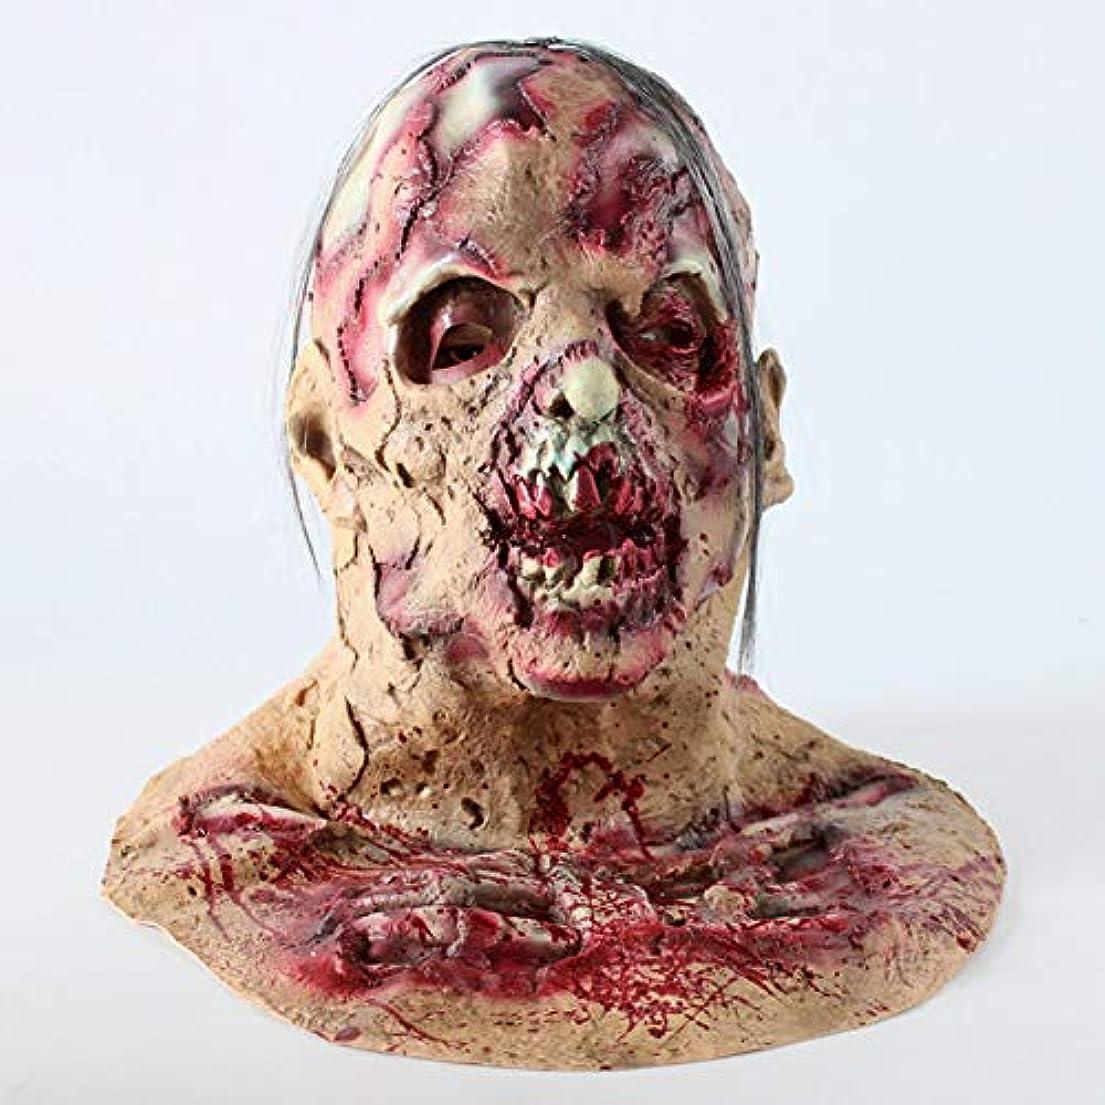 相手納屋ポールハロウィーンホラーマスク、嫌なゾンビマスク、バイオハザードヘッドマスク、パーティー仮装ラテックスマスク